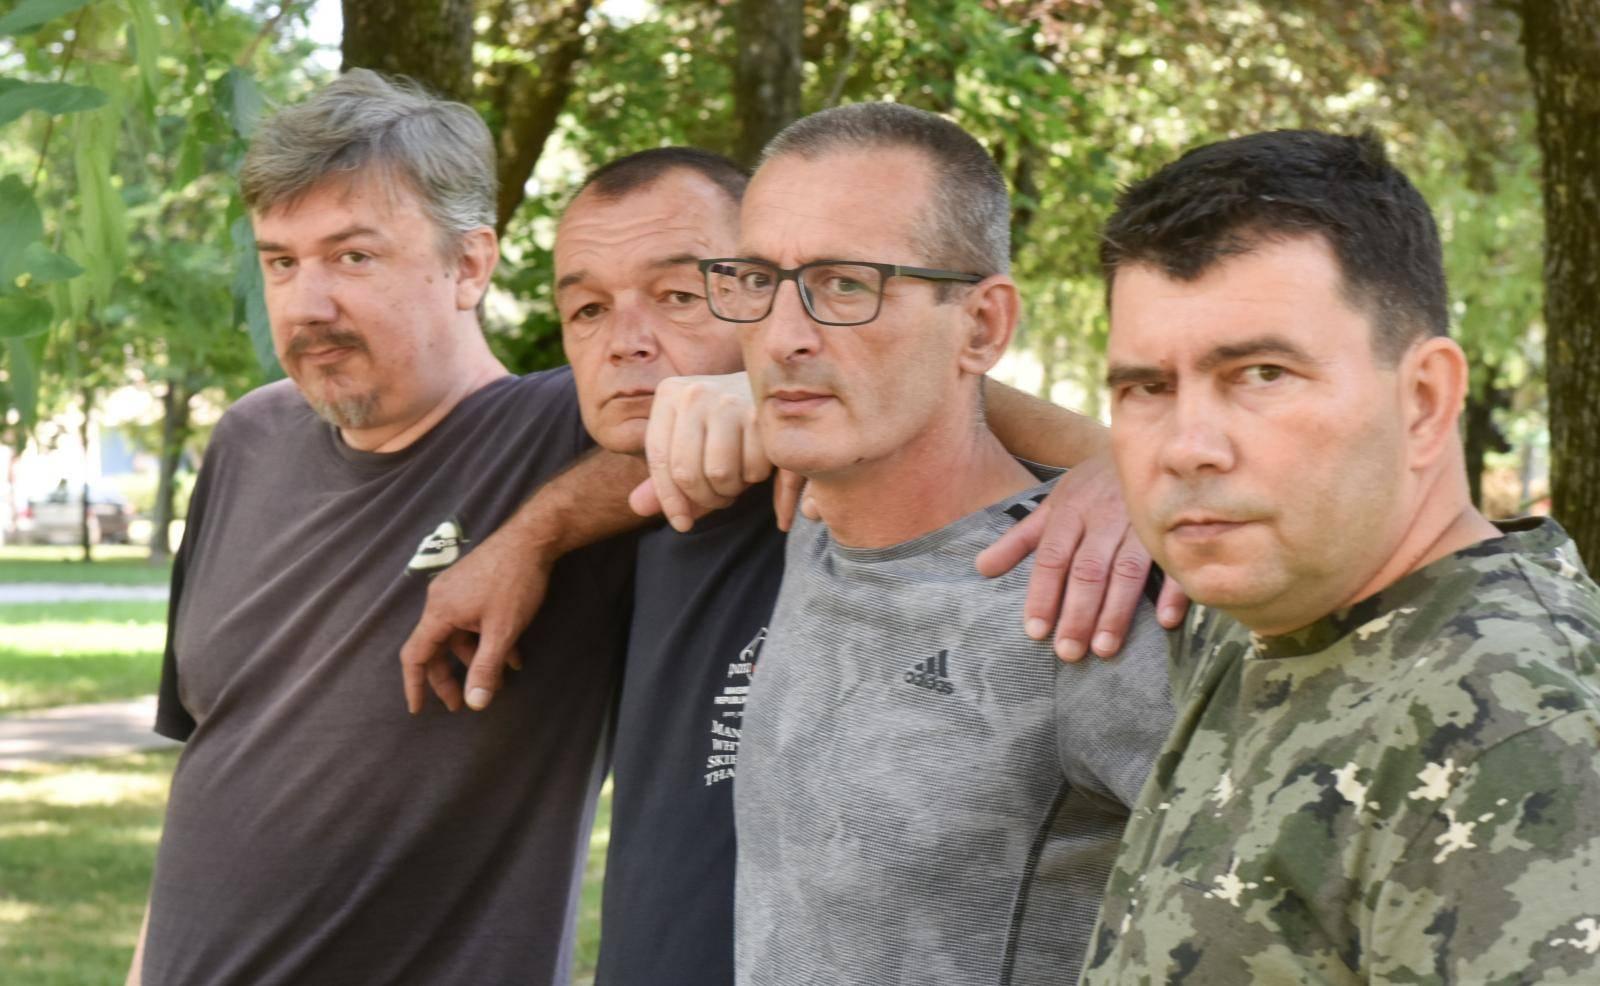 Mislili su da je strani plaćenik: 'Ime je Gorana koštalo života'